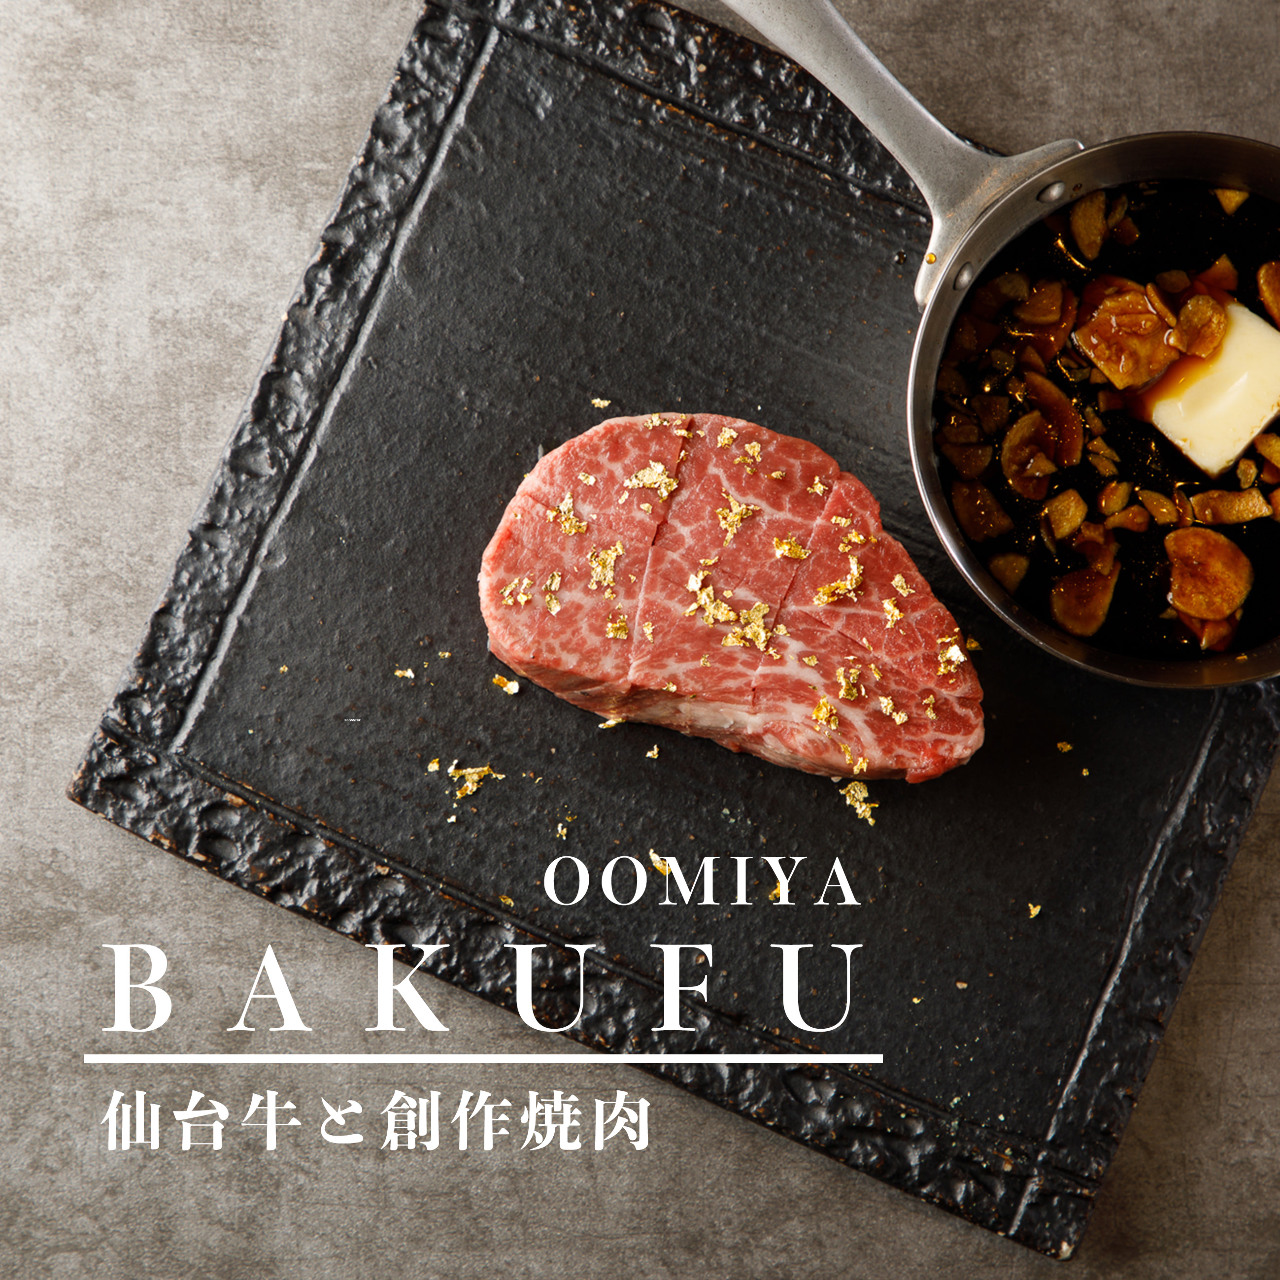 仙台牛一頭買い!!新鮮な肉創作料理や希少部位の焼肉専門店!!